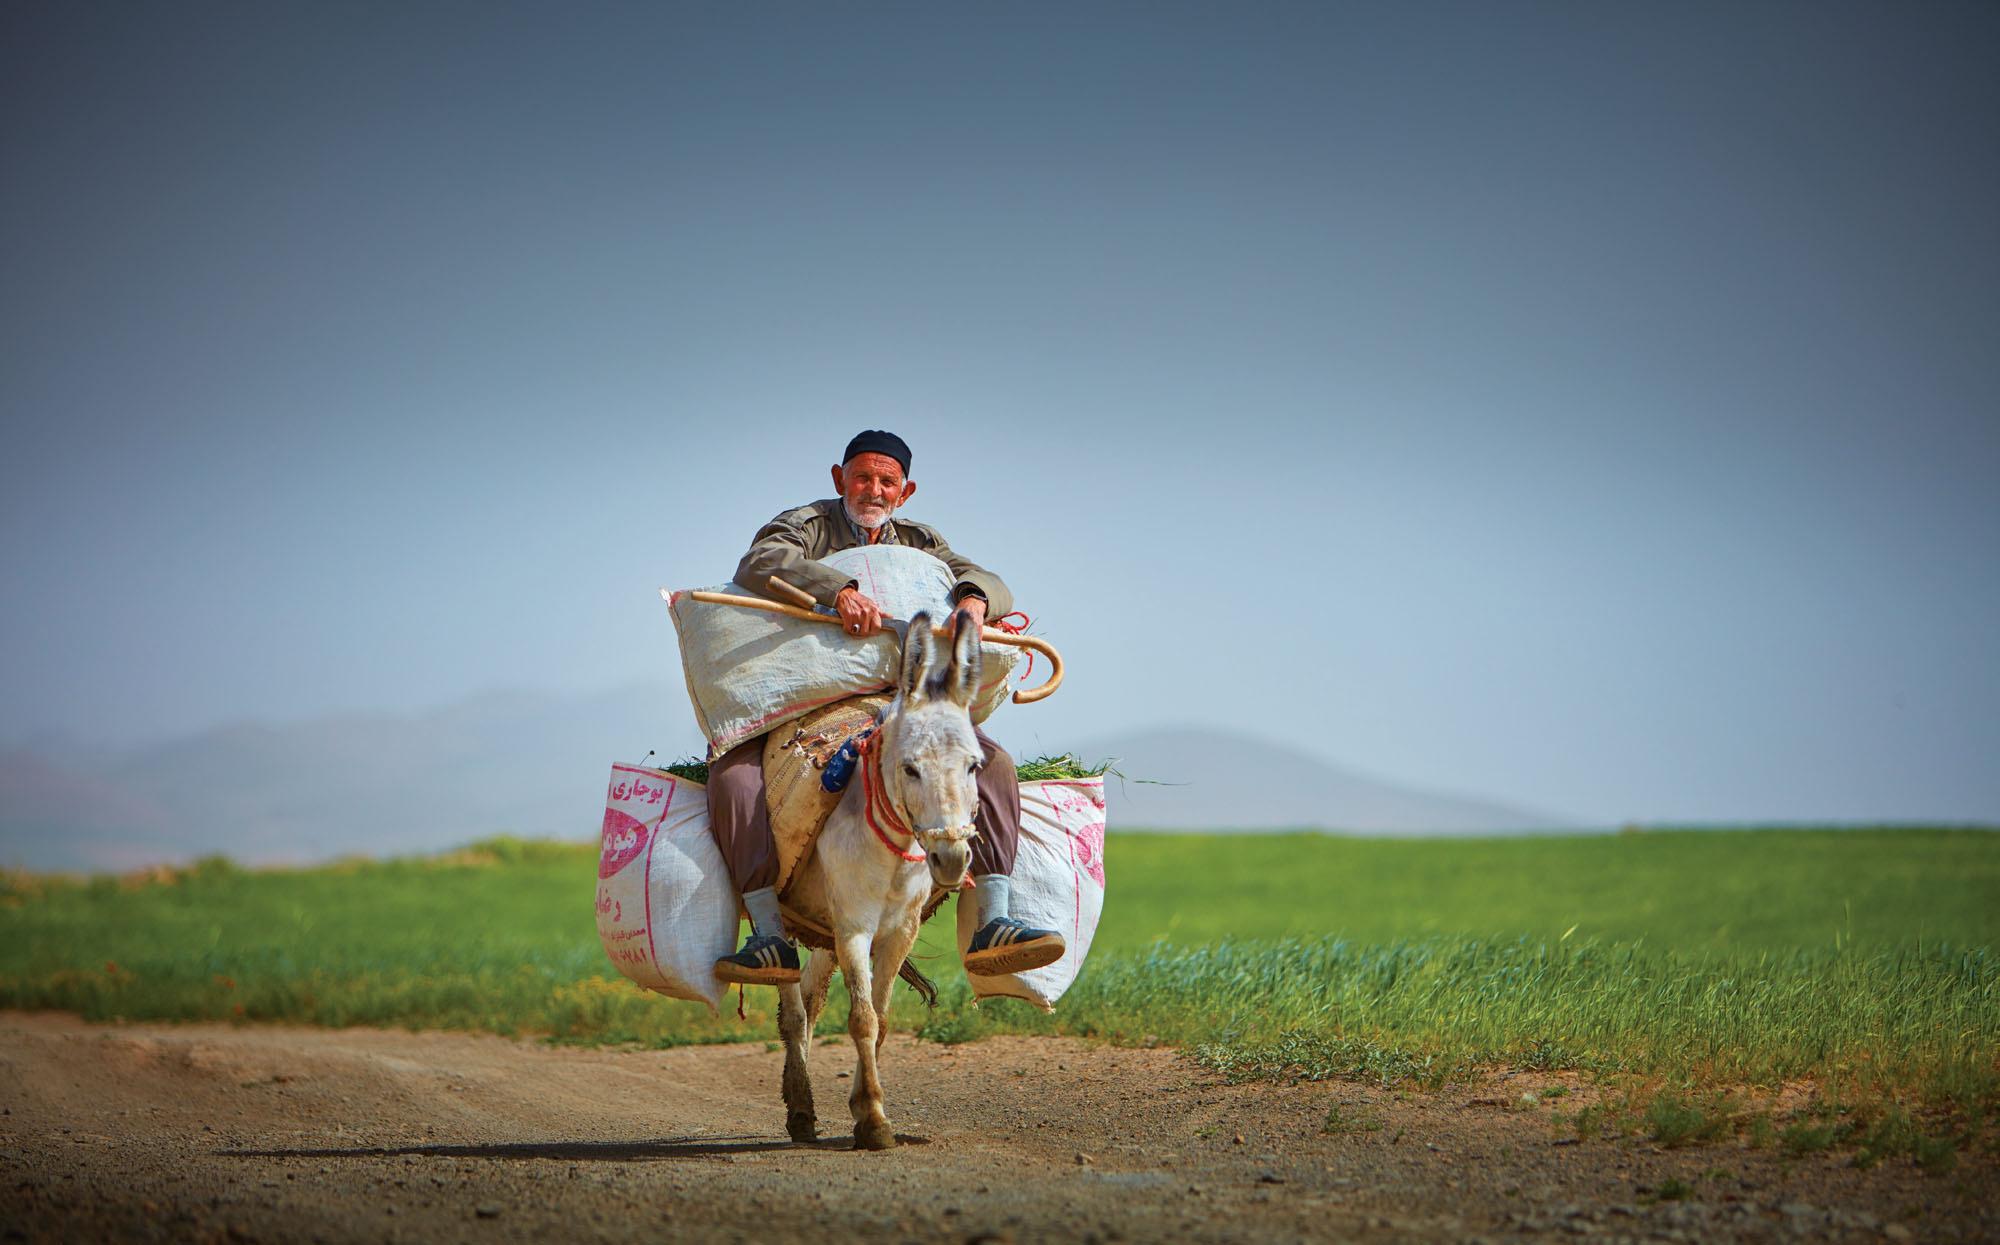 Farmer near Hamadan, Iran. Canon EOS 5DSR, Canon 70-200mm f2.8, f2.8 @ 1/4000 second, ISO 100.